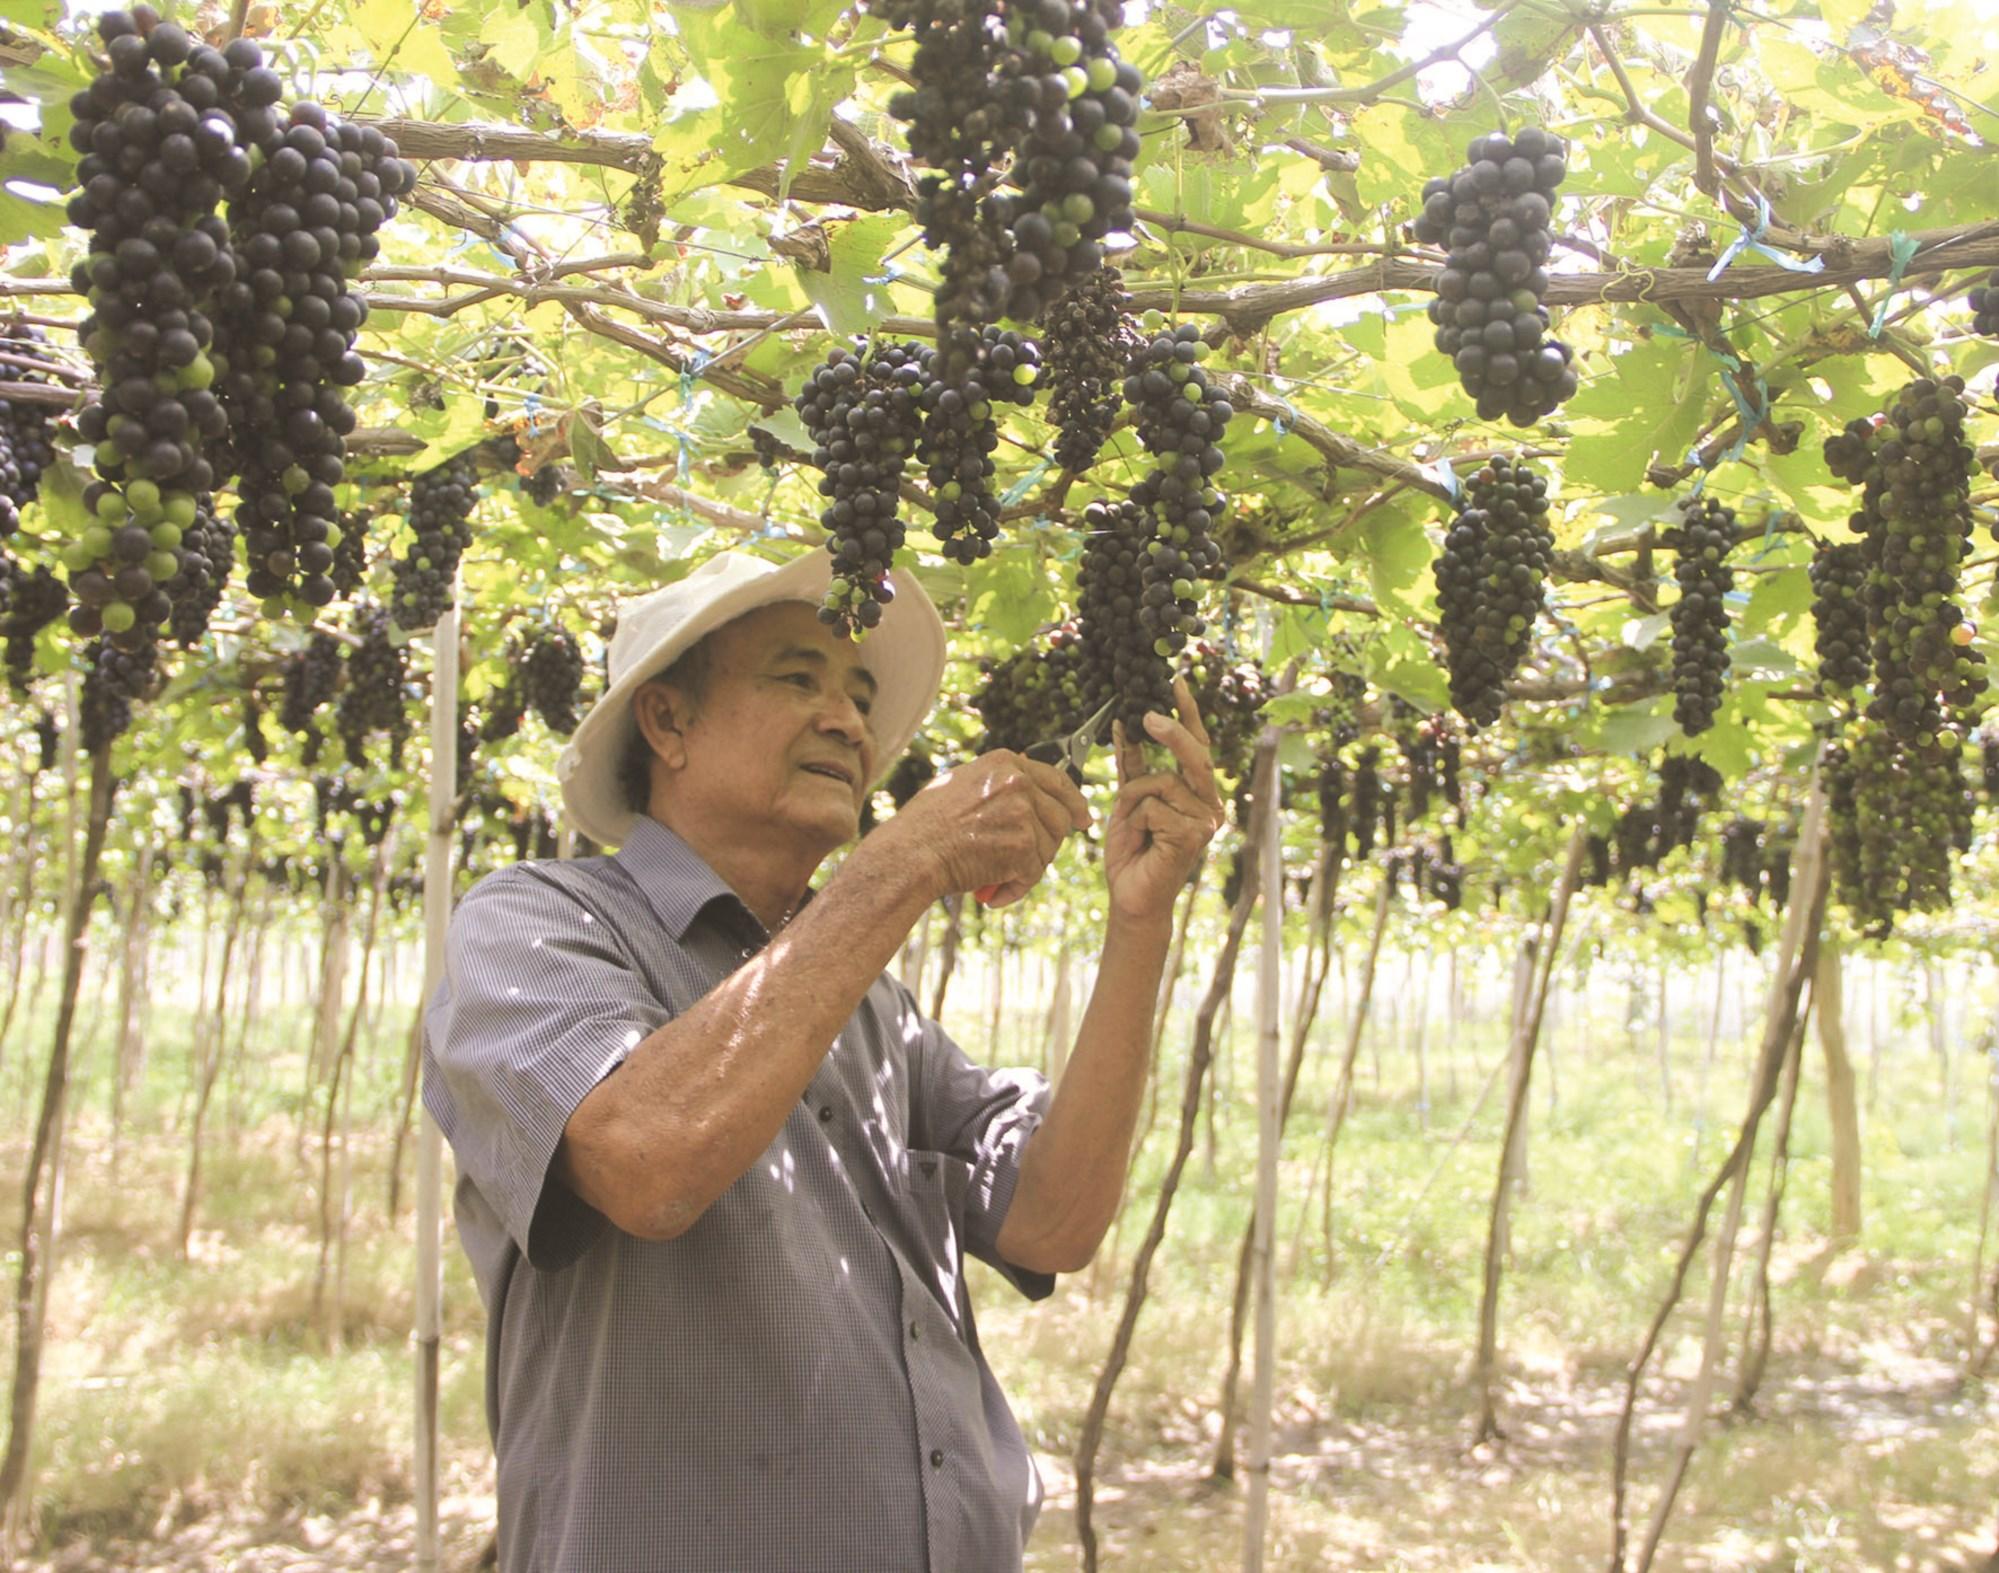 Ông Nguyễn Văn Mọi là một điển hình làm giàu từ nho ở vùng đất Ninh Thuận